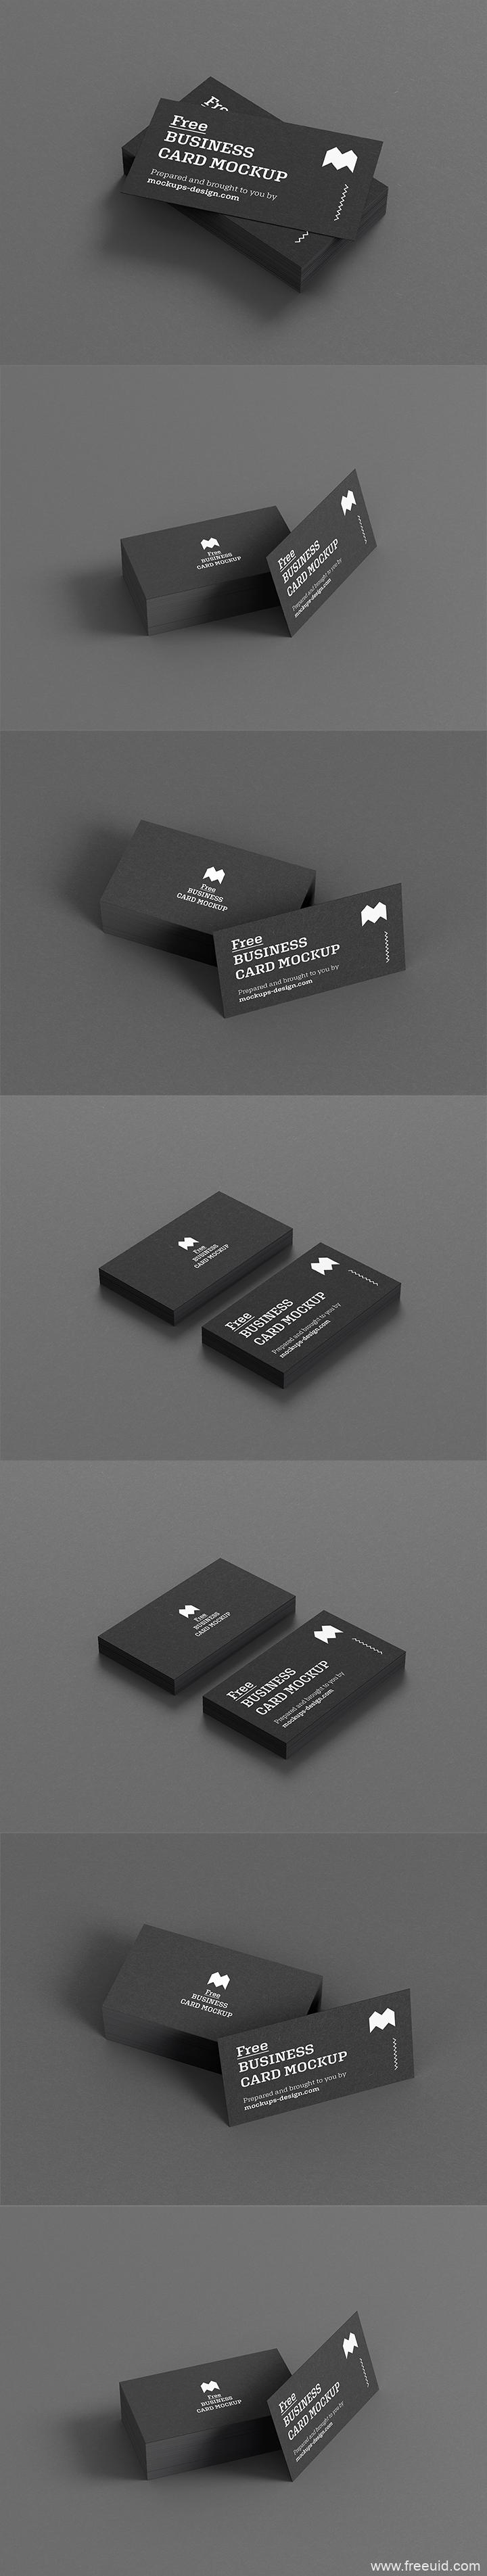 黑色高端商务名片展示模板,名片psd源文件展示模板